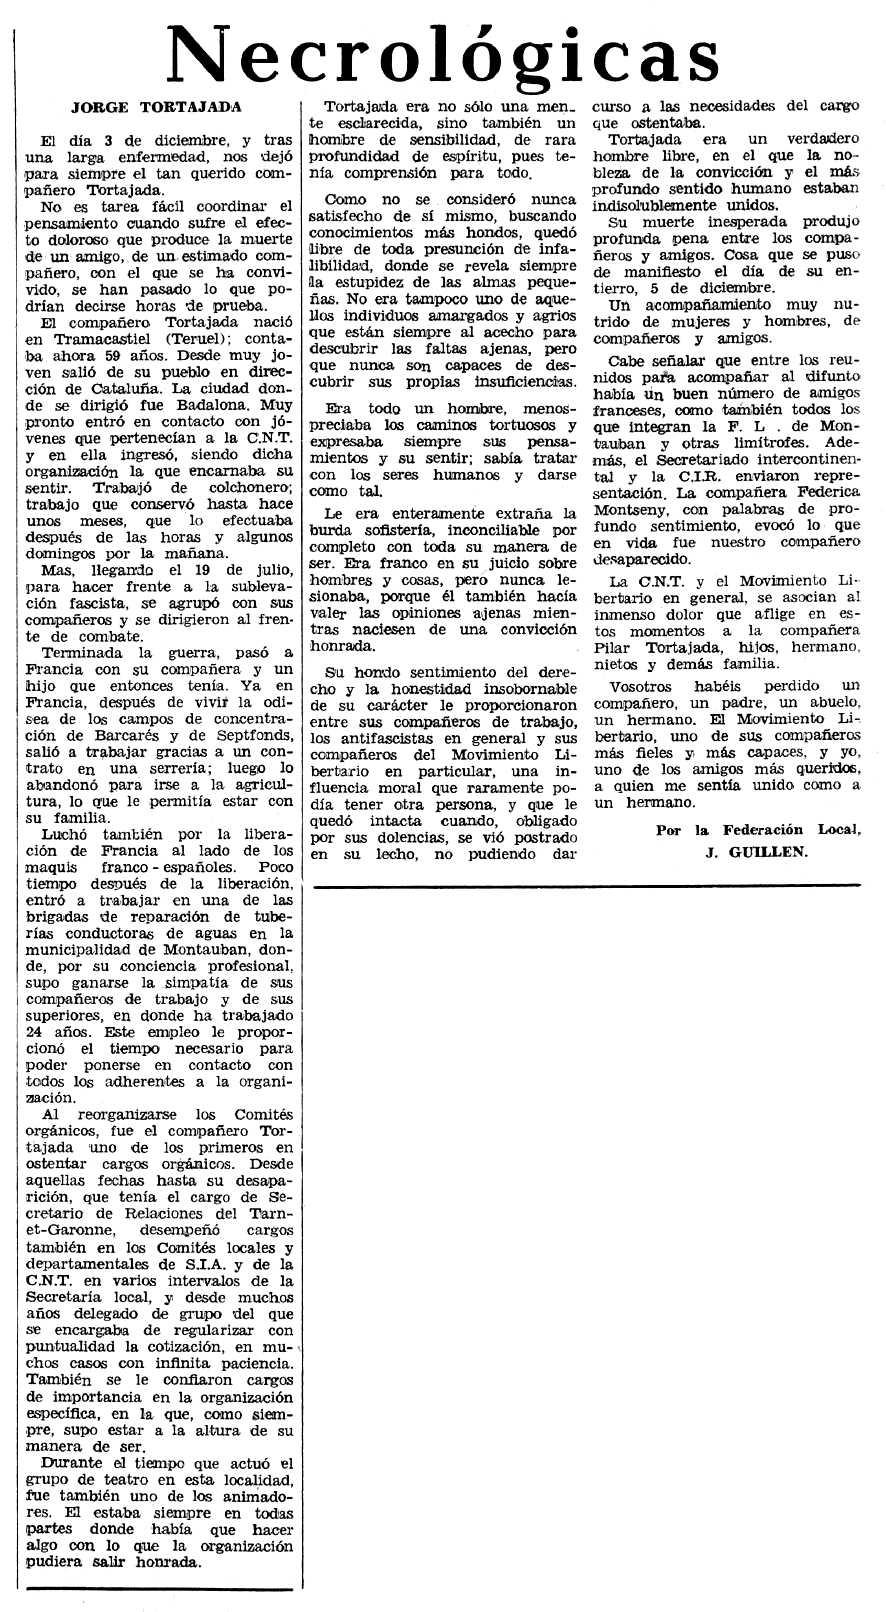 """Necrològica de Jorge Tortajada García apareguda en el periòdic tolosà """"Espoir"""" del 24 de gener de 1971"""